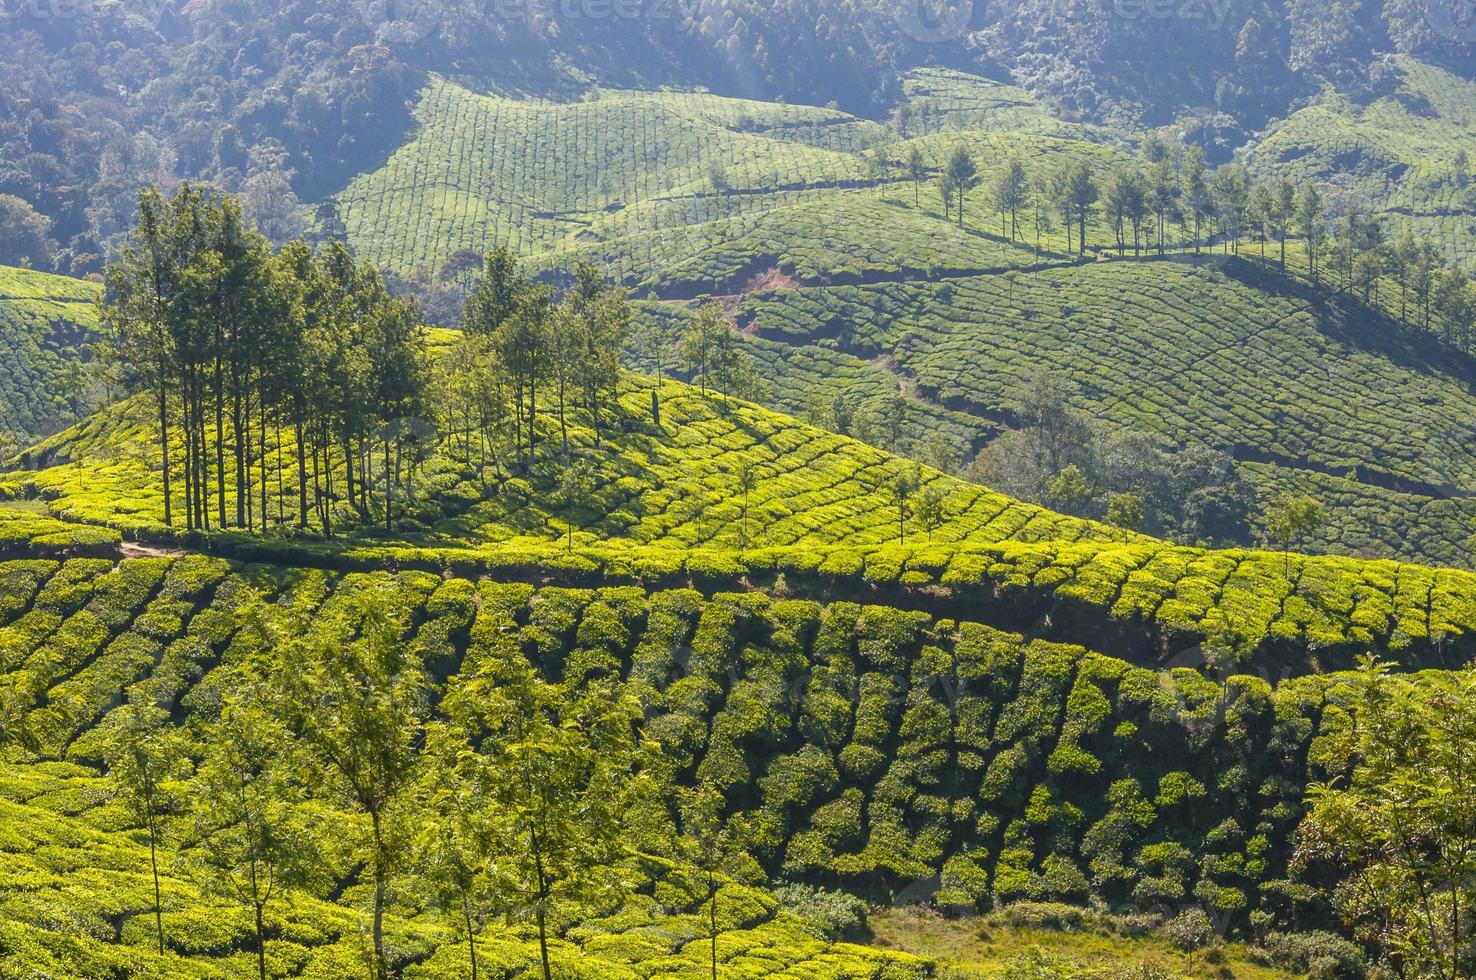 plantaciones de té en las montañas munnar foto